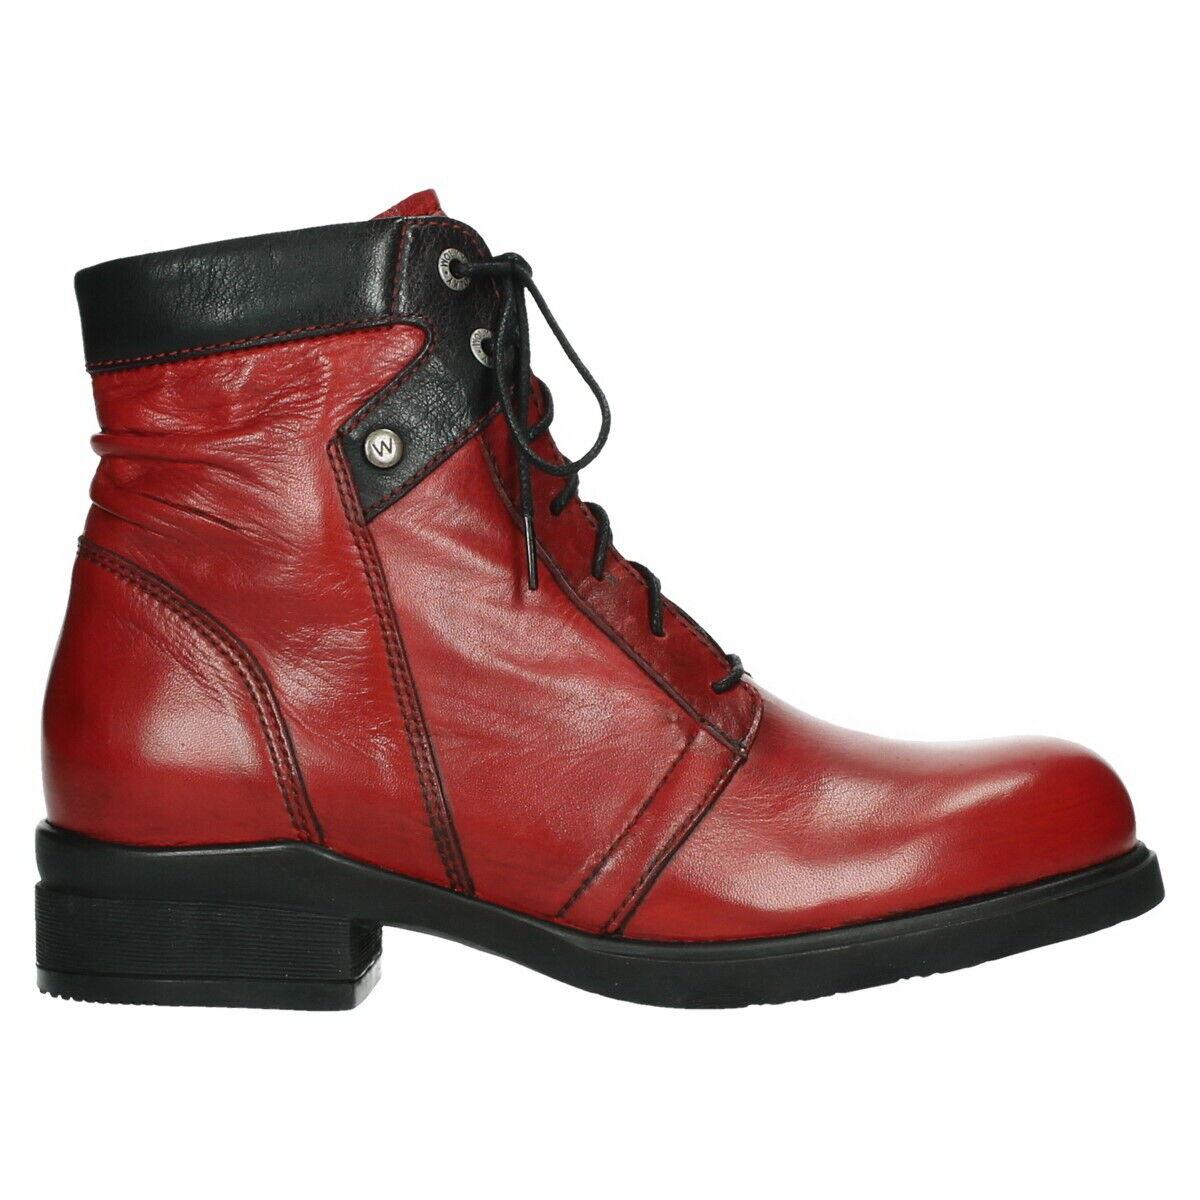 Wolky Stiefel Center XW Dark rot Rot Glatt Leder Einlage Schnür Stiefel 02629 20505